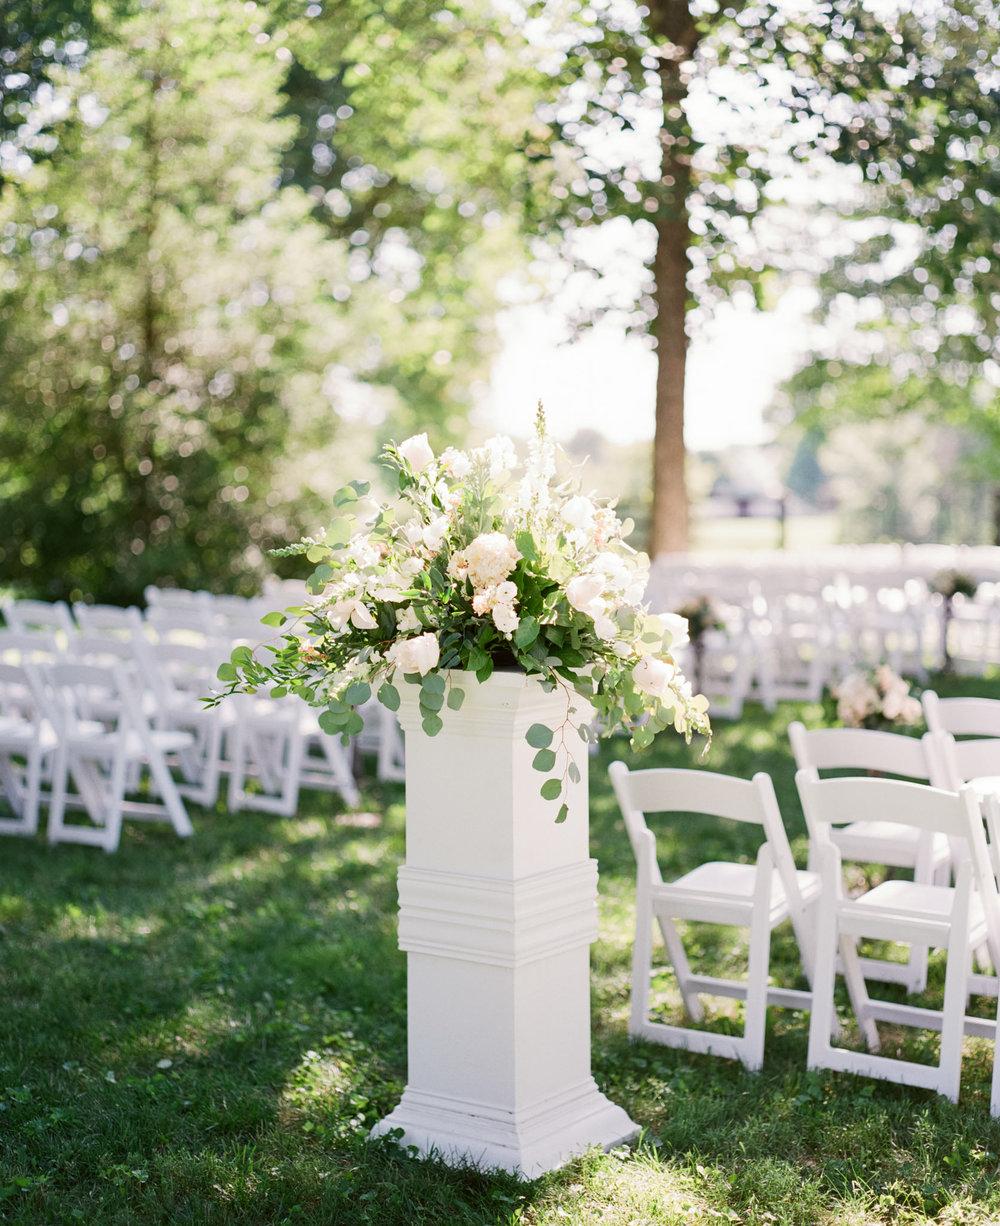 Jom & Emily Polo Barn Lexington, Ky Wedding-5.jpg